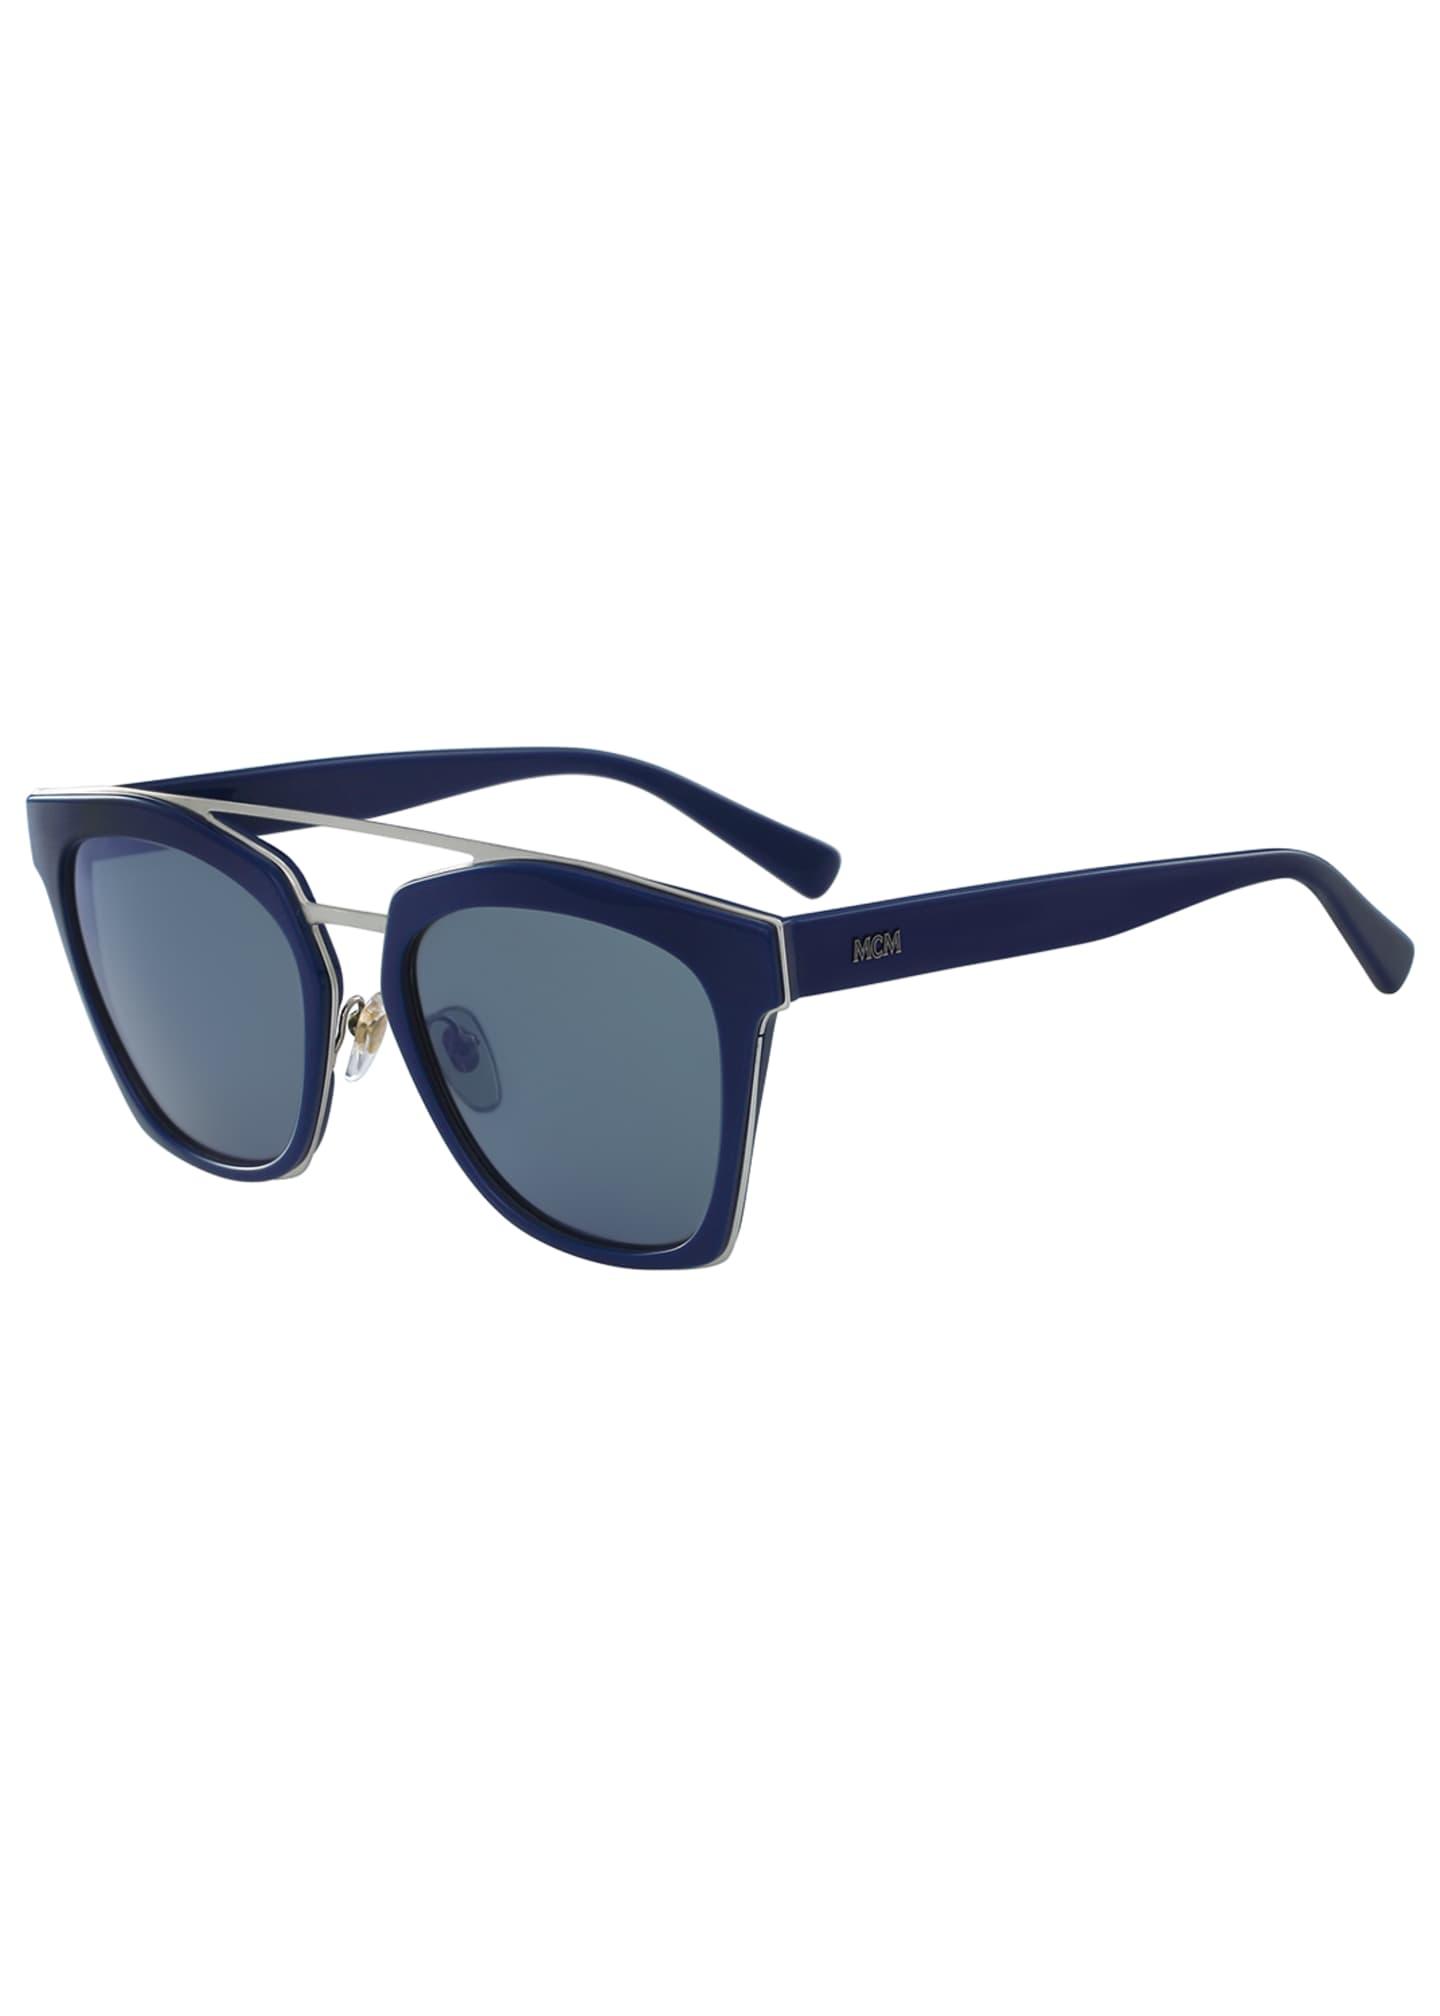 MCM Square Schoolboy Double-Bridge Sunglasses